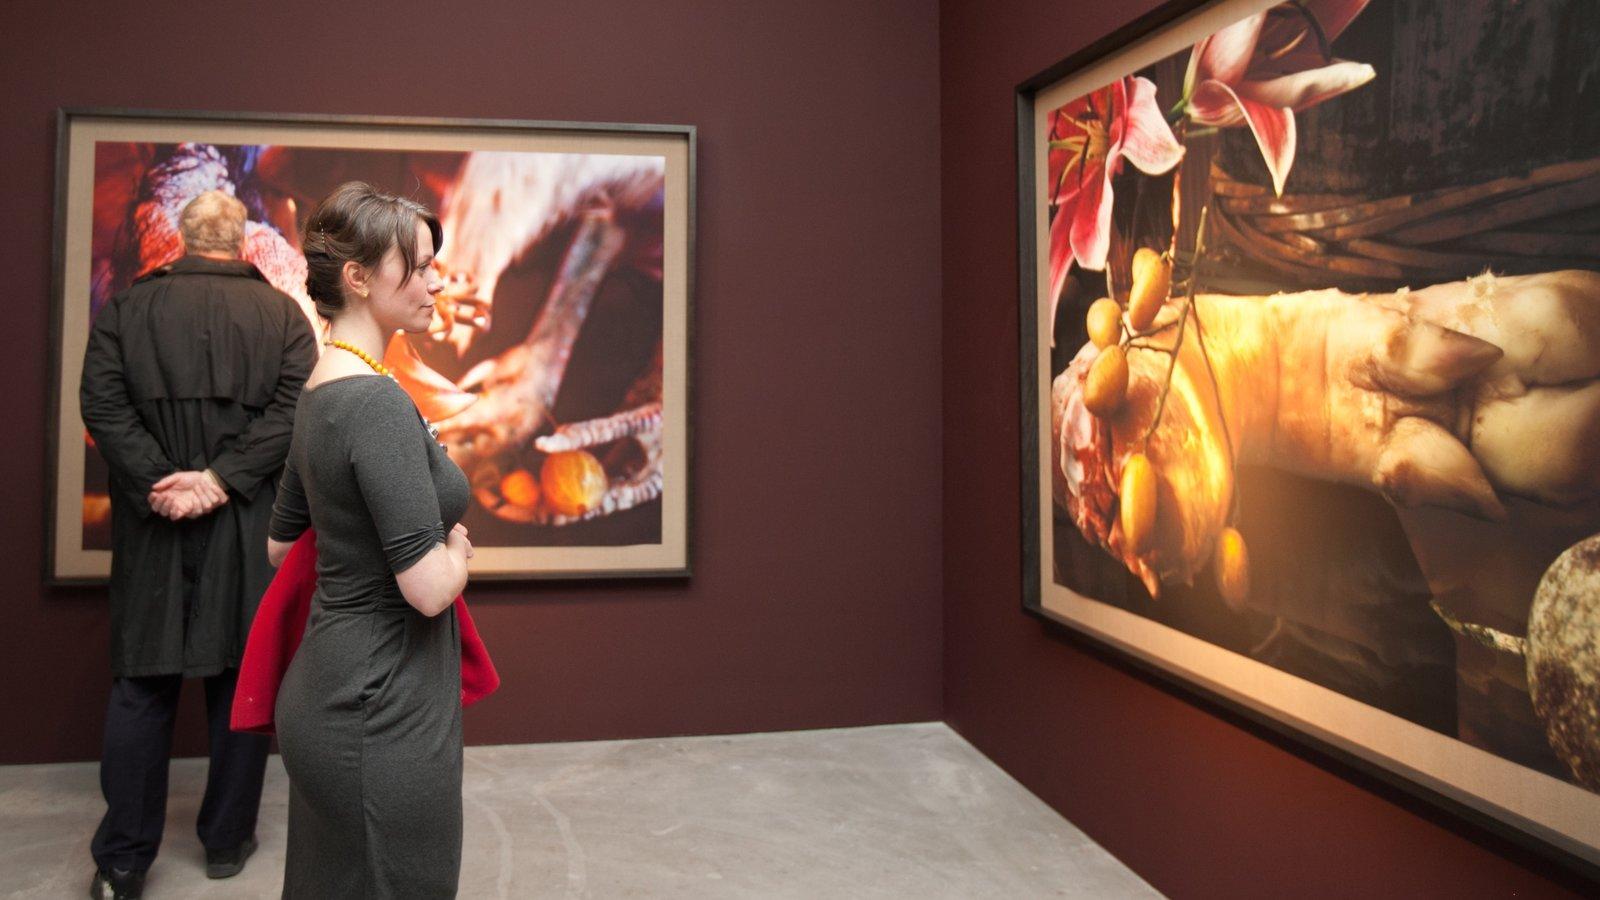 Omaha caracterizando arte e vistas internas